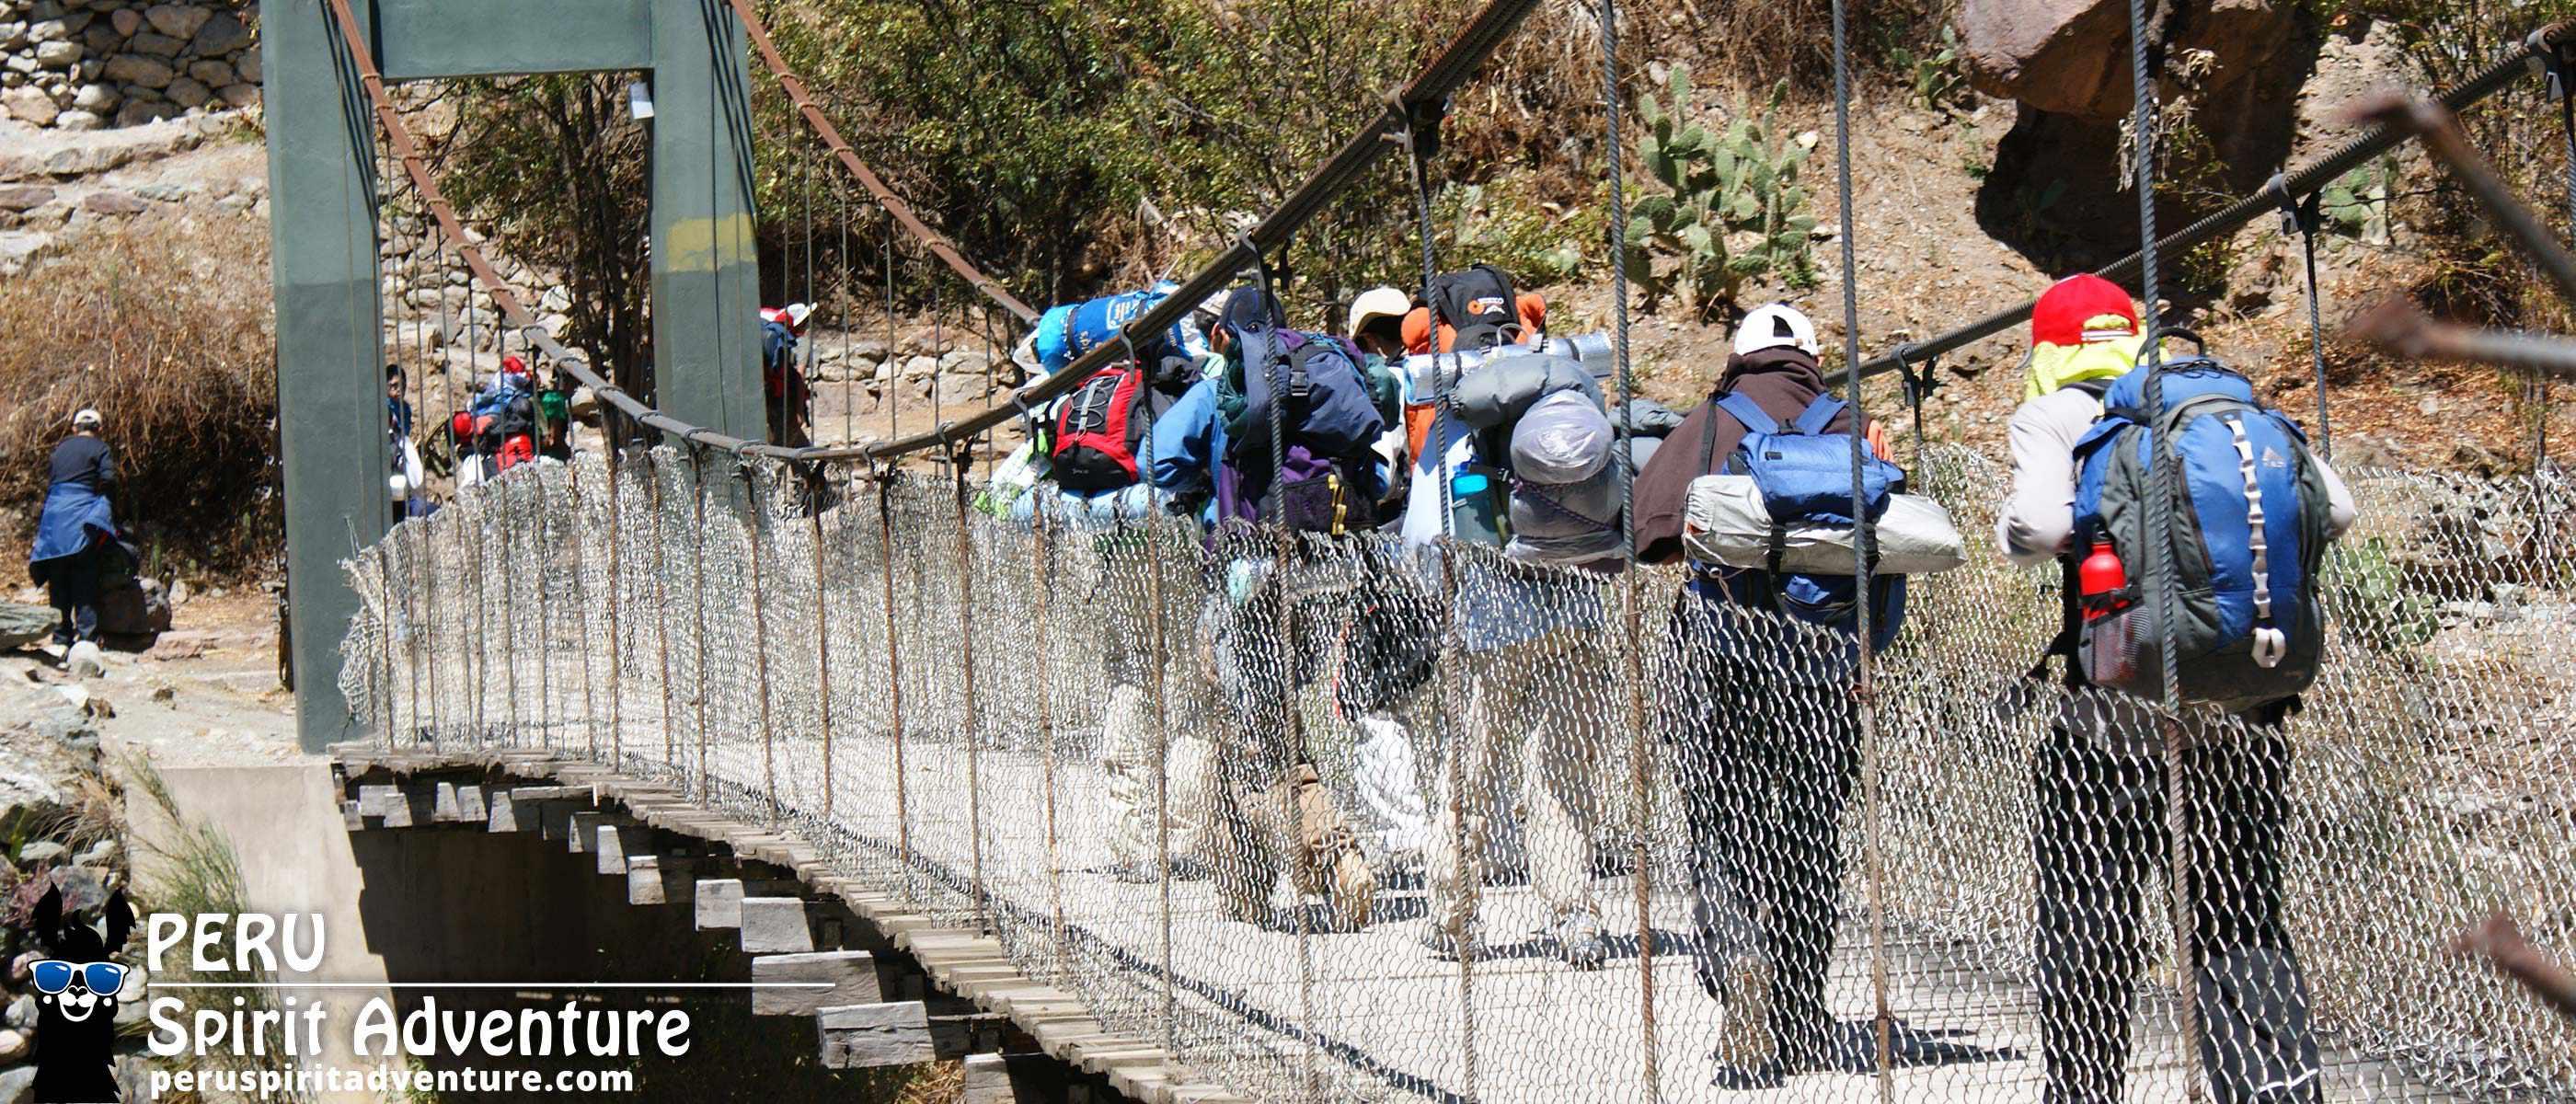 INCA TRAIL 5 DAYS - DAY 1